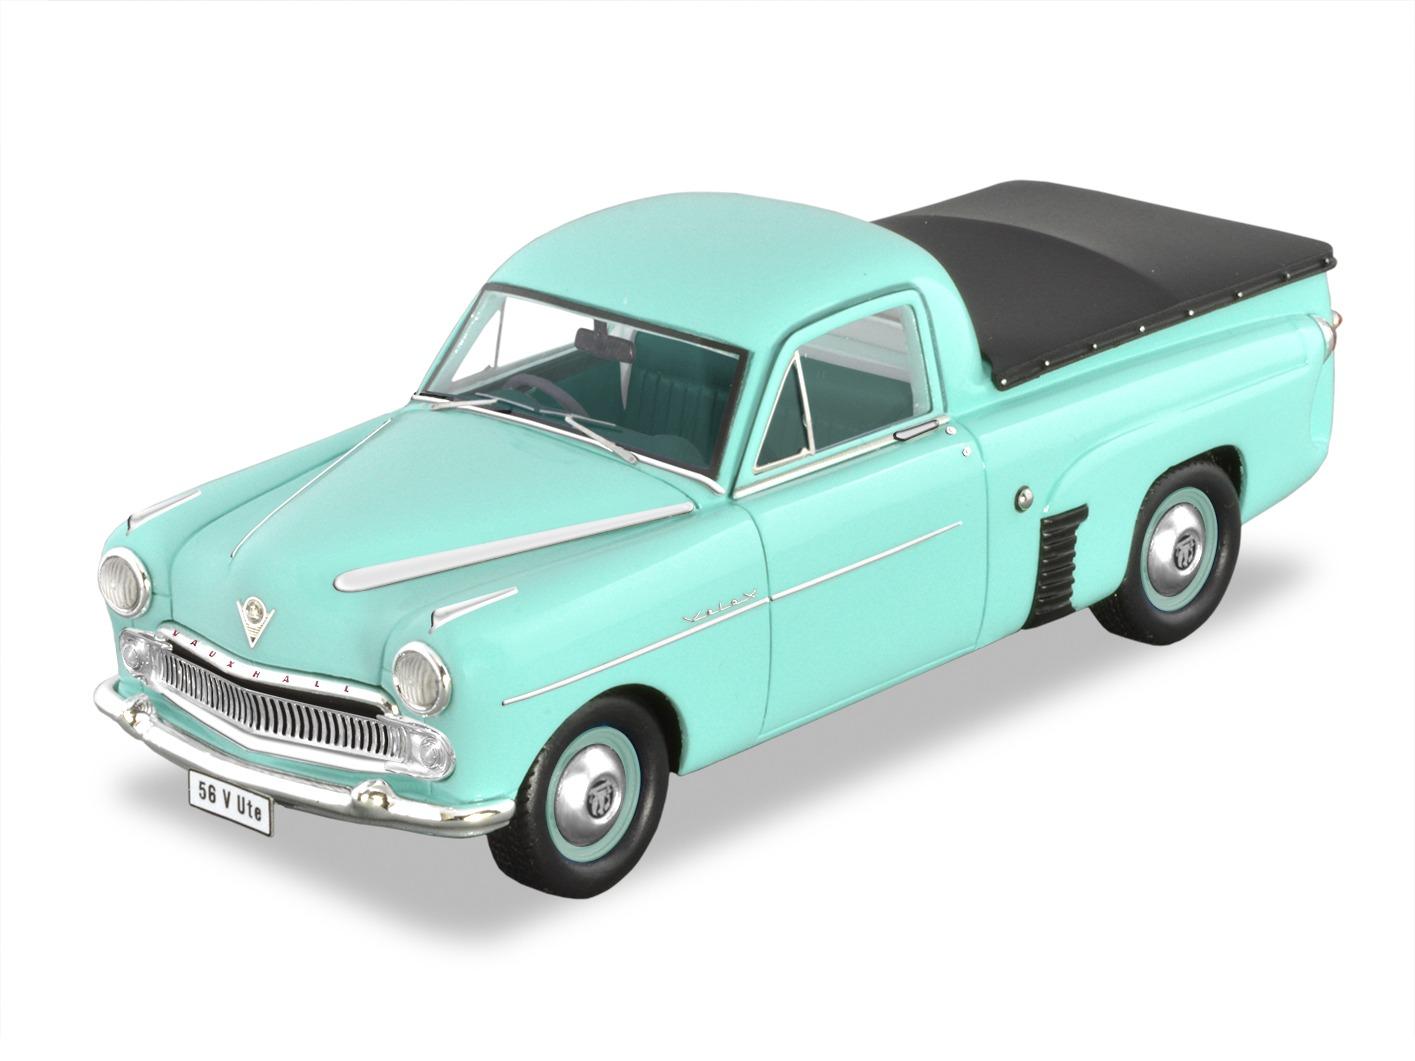 1956 Vauxhall Velox Ute – Green.